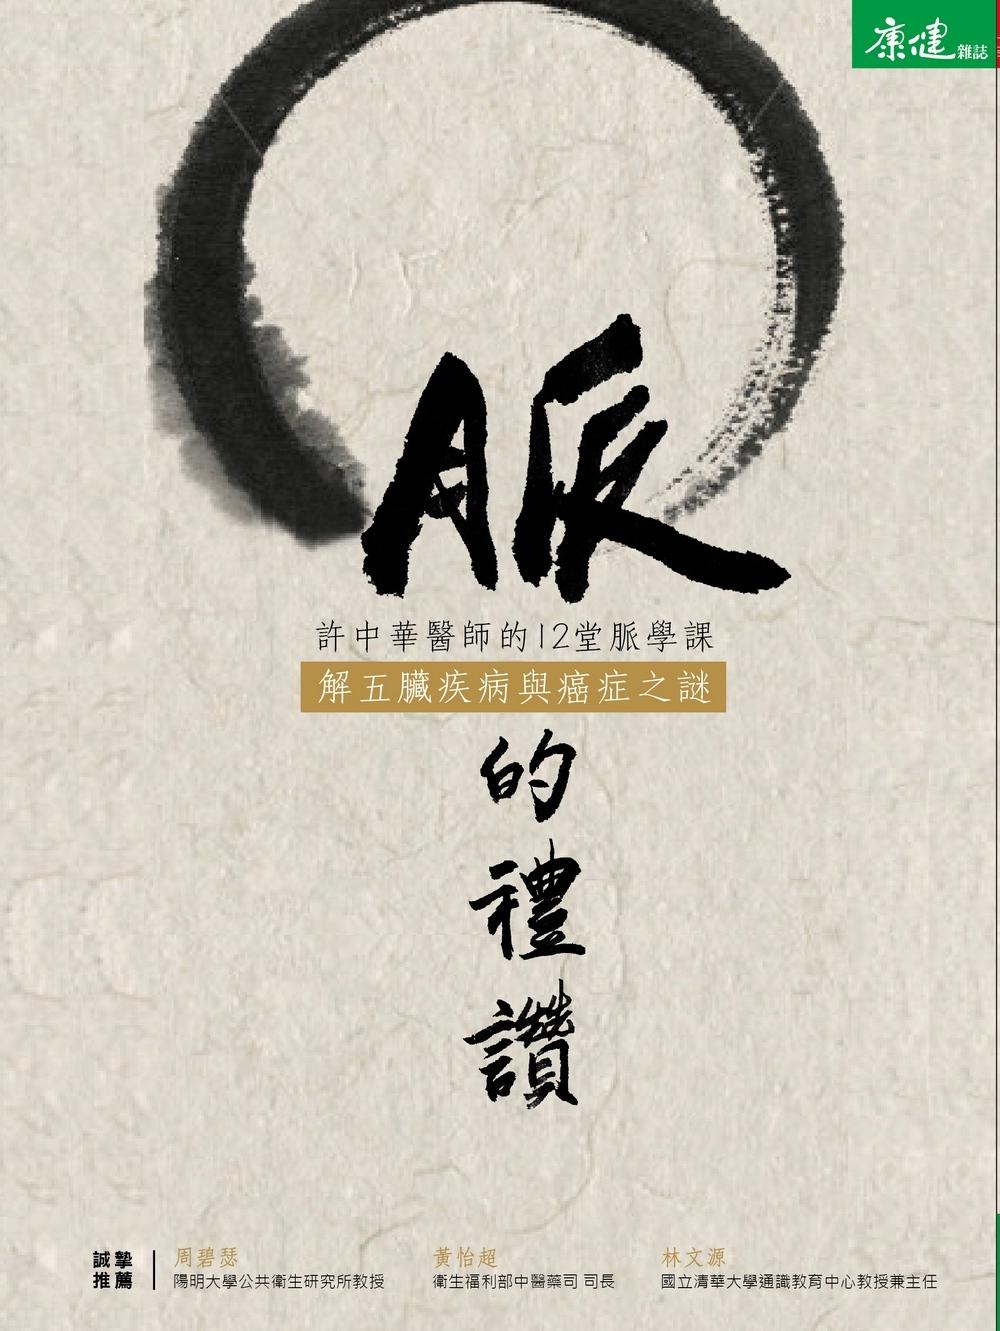 脈的禮讚:許中華醫師的12堂脈學課,解五臟疾病與癌症之謎